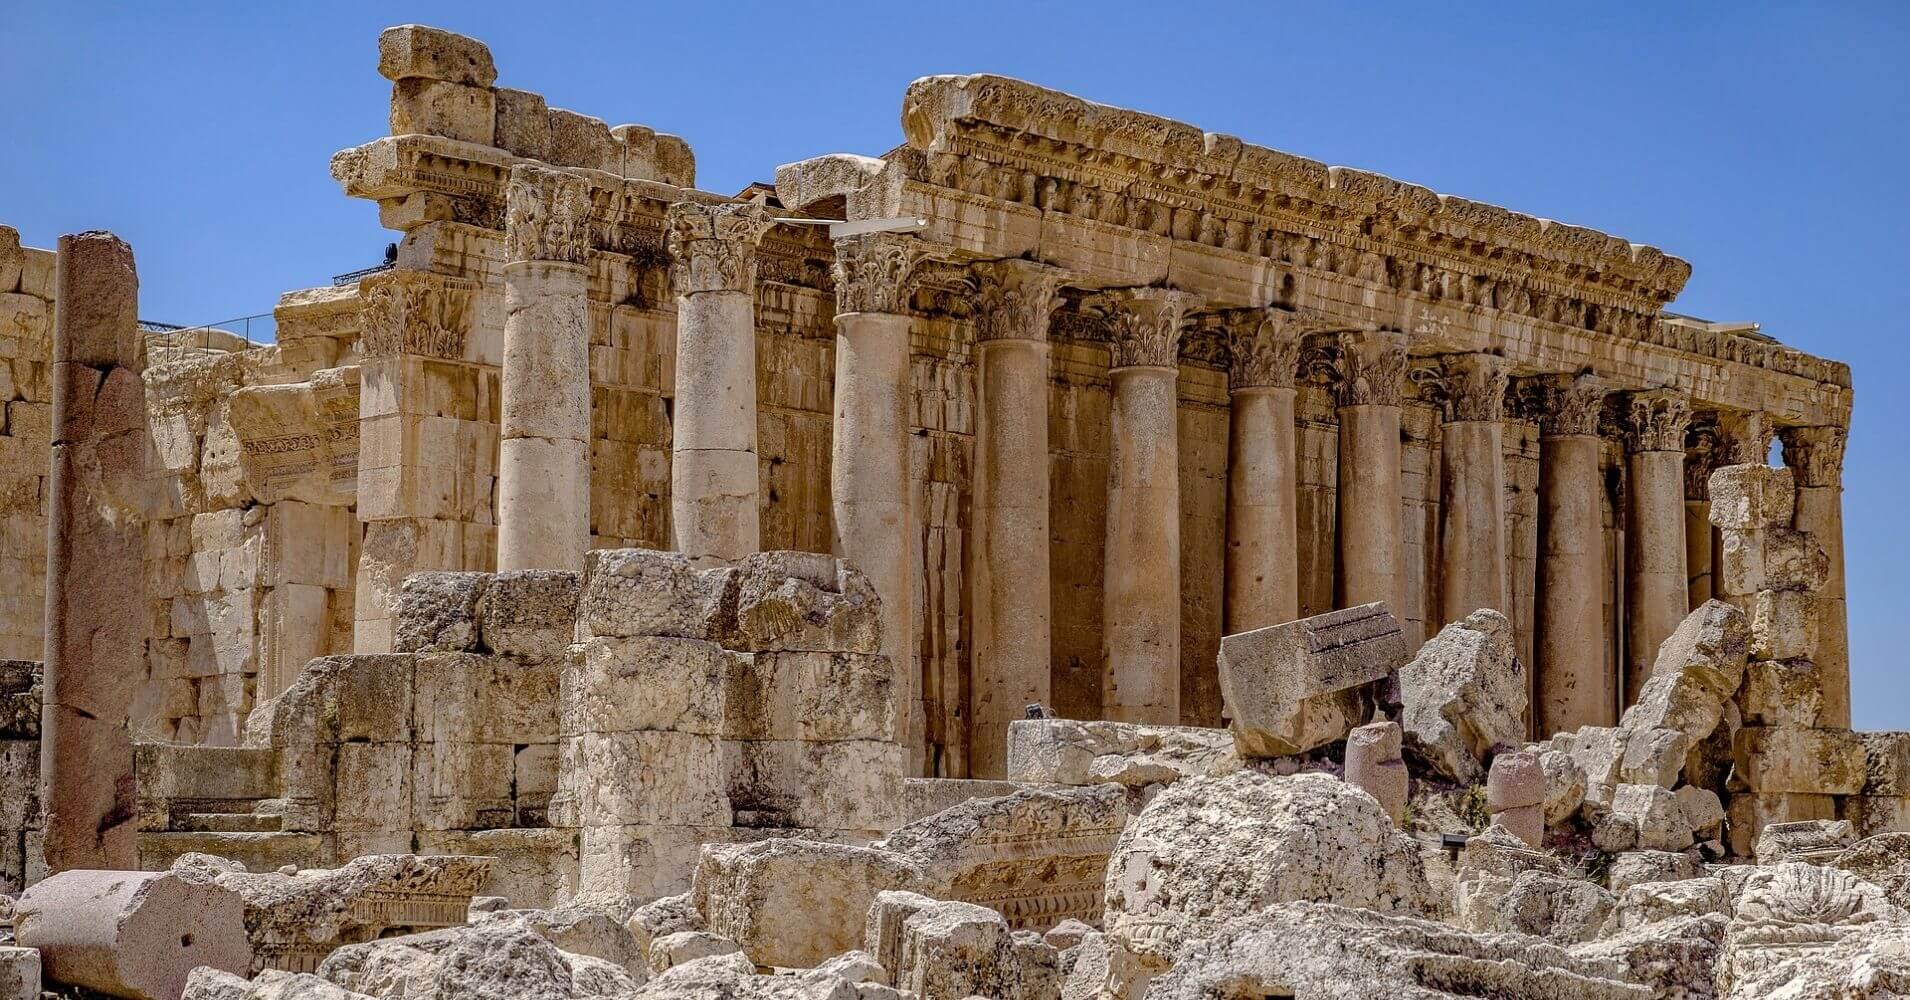 Yacimiento Arqueológico de Baalbek en Líbano.